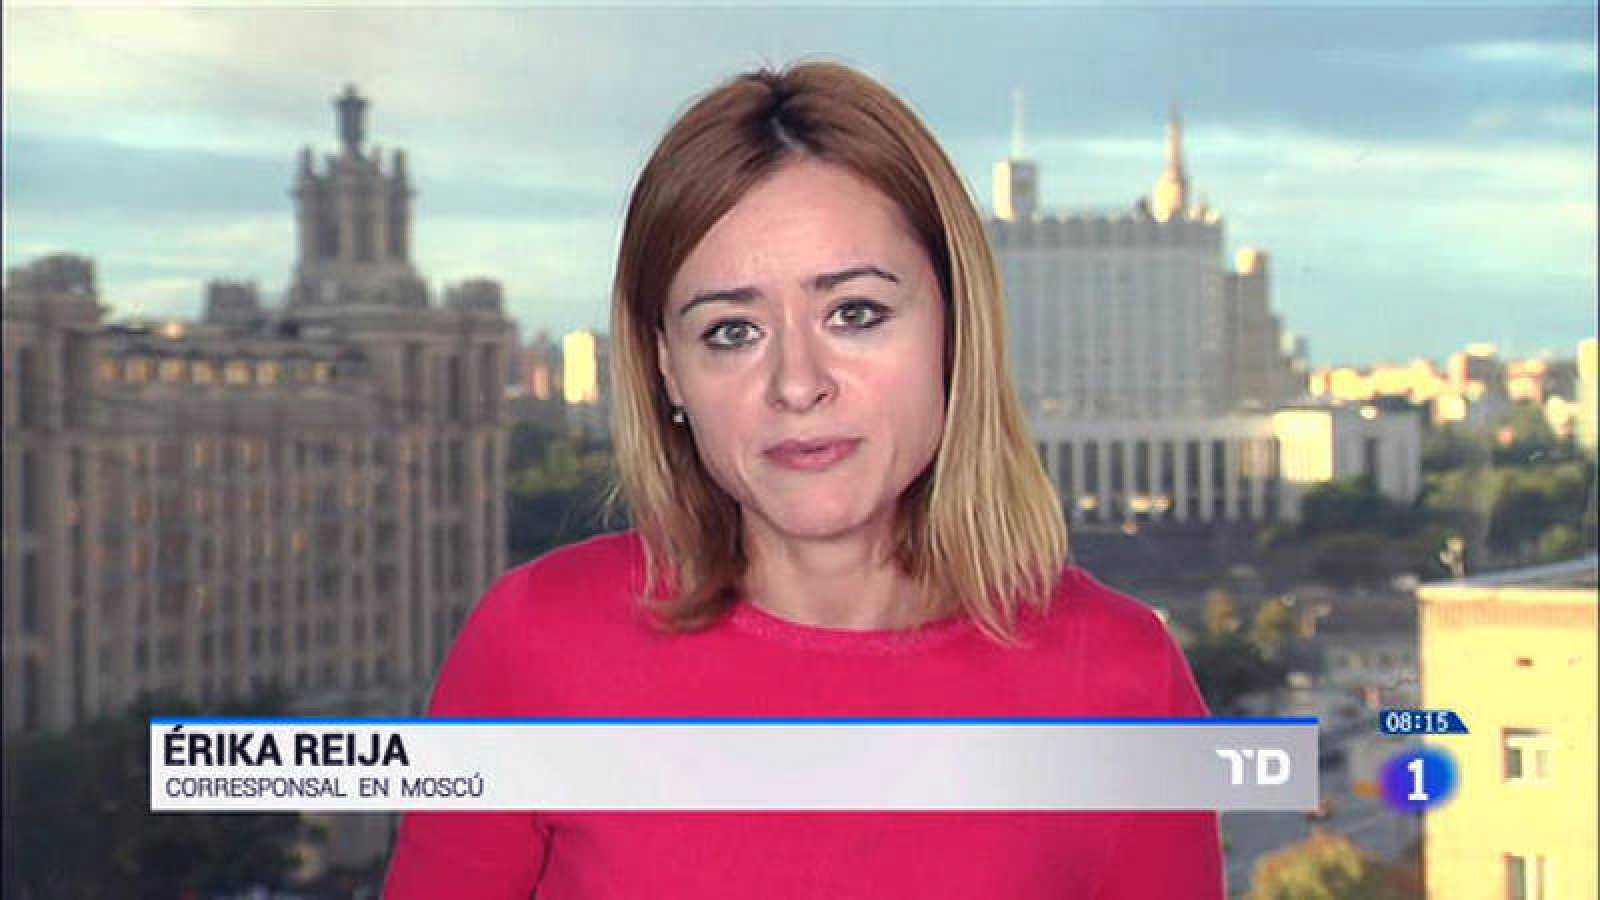 Erika Reija López, corresponsal de RNE en Moscú